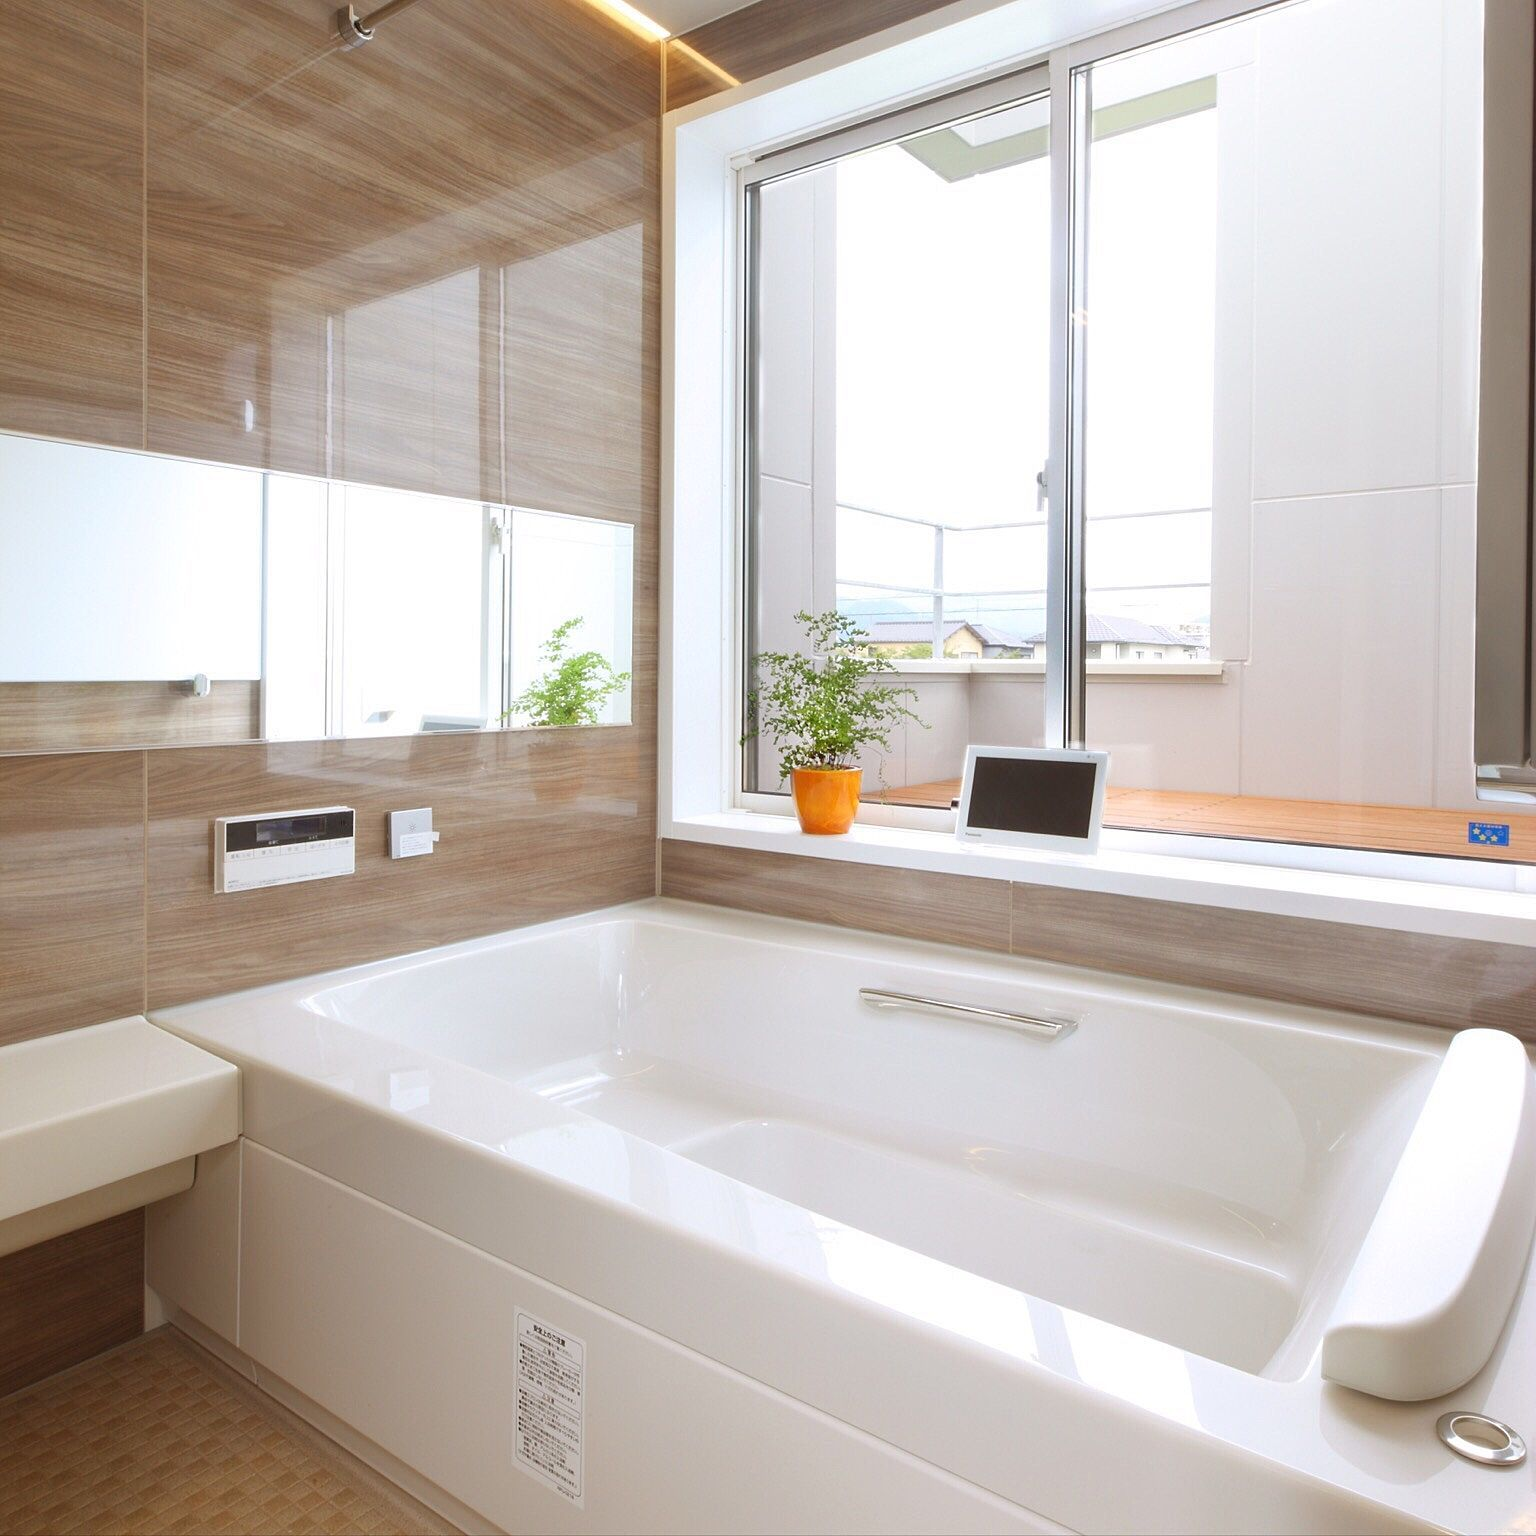 ウッドデッキ 窓 お風呂 リクシルのお風呂 リクシル 防水テレビ などの